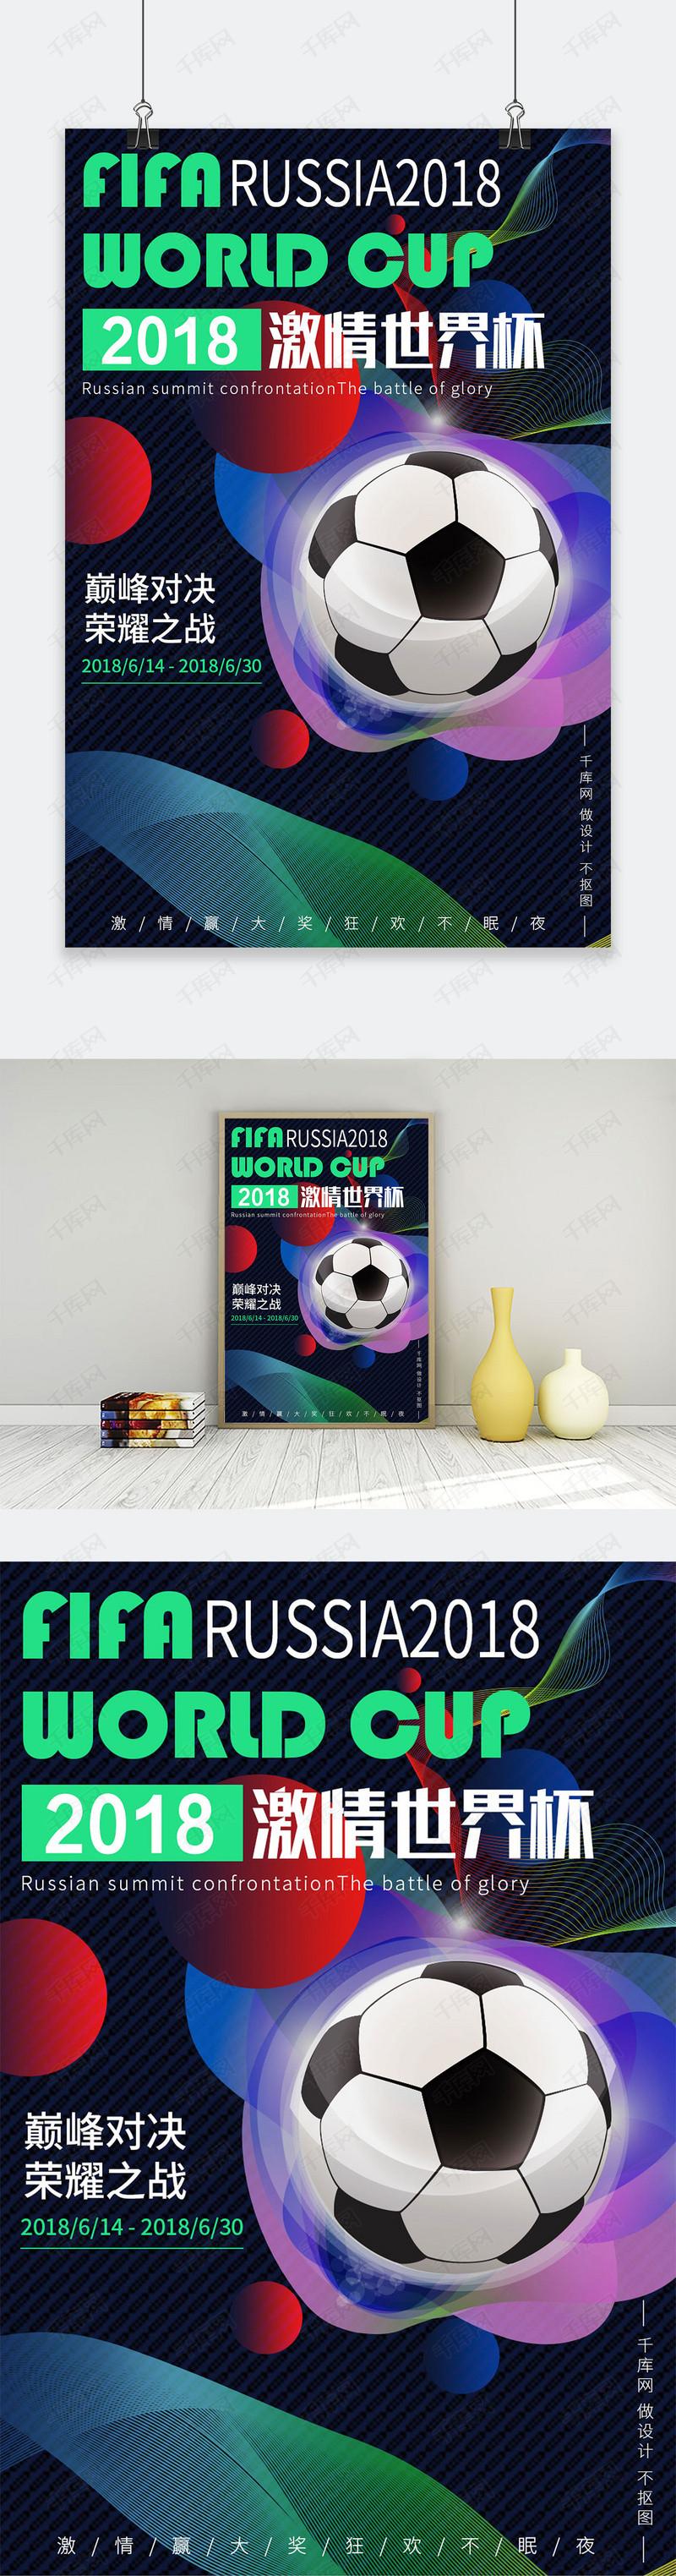 2018激情世界杯荧光醒目海报